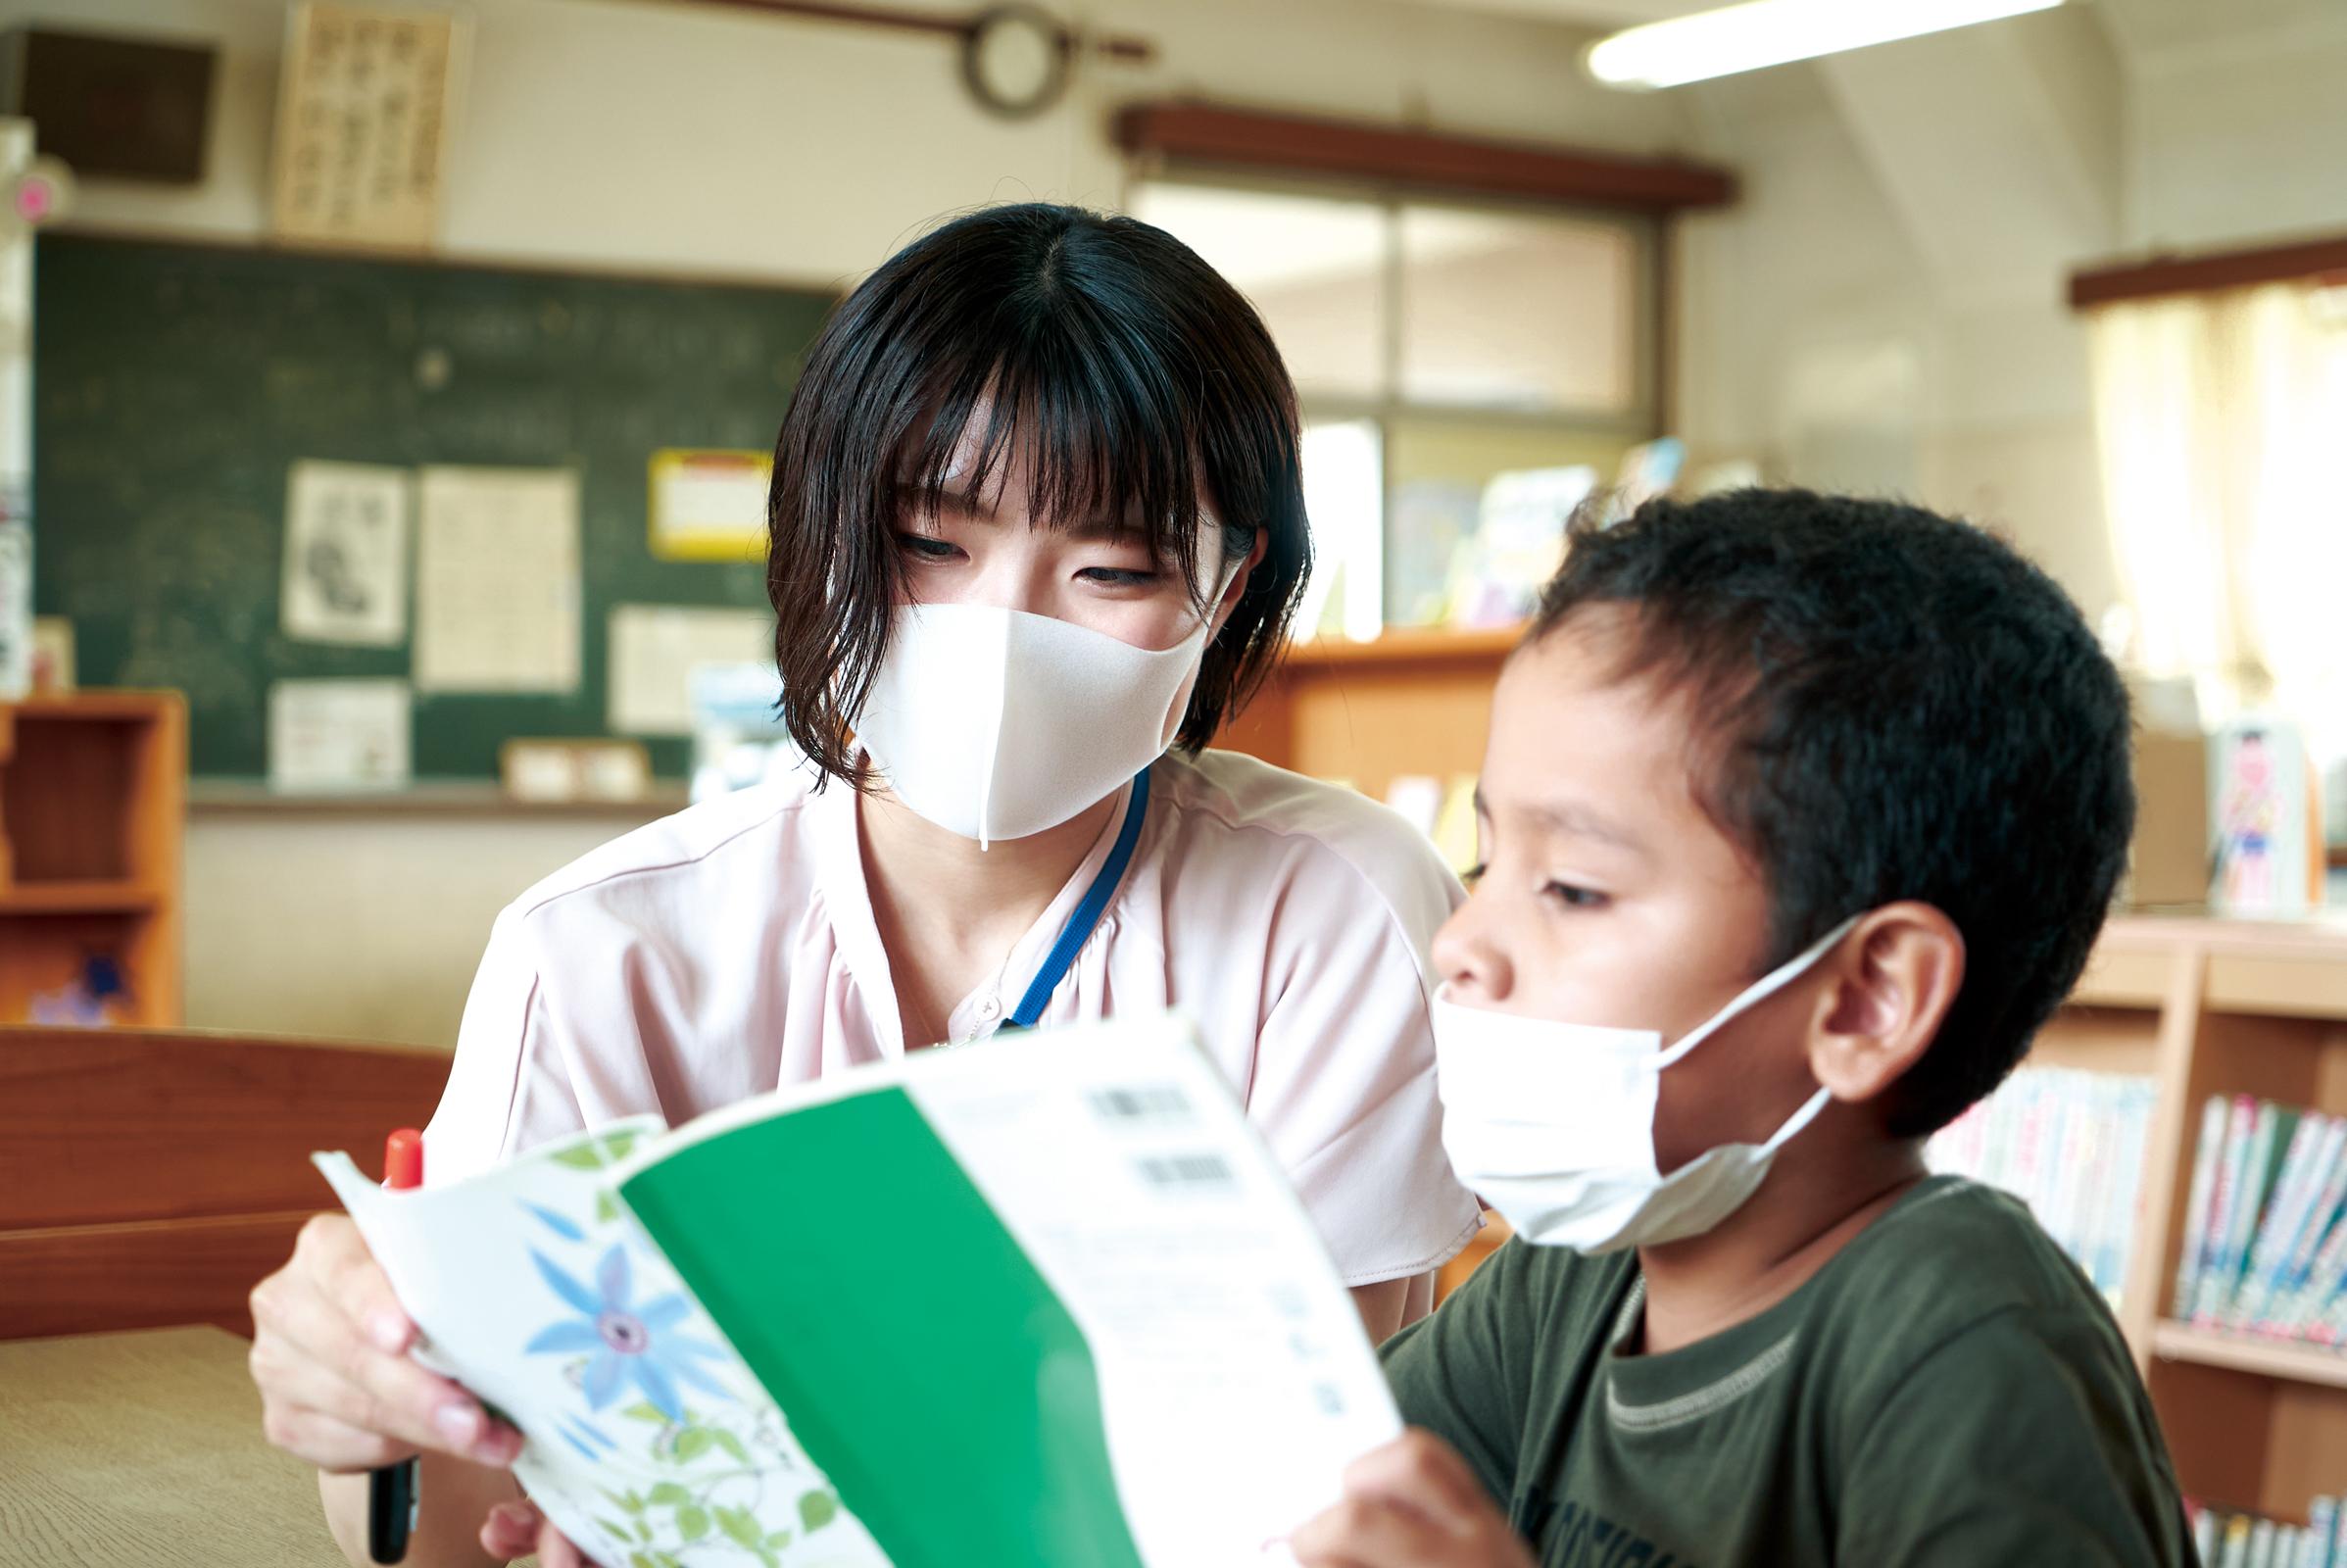 海外出身の児童に寄り添う。 外交の舞台をめざし勉強中。